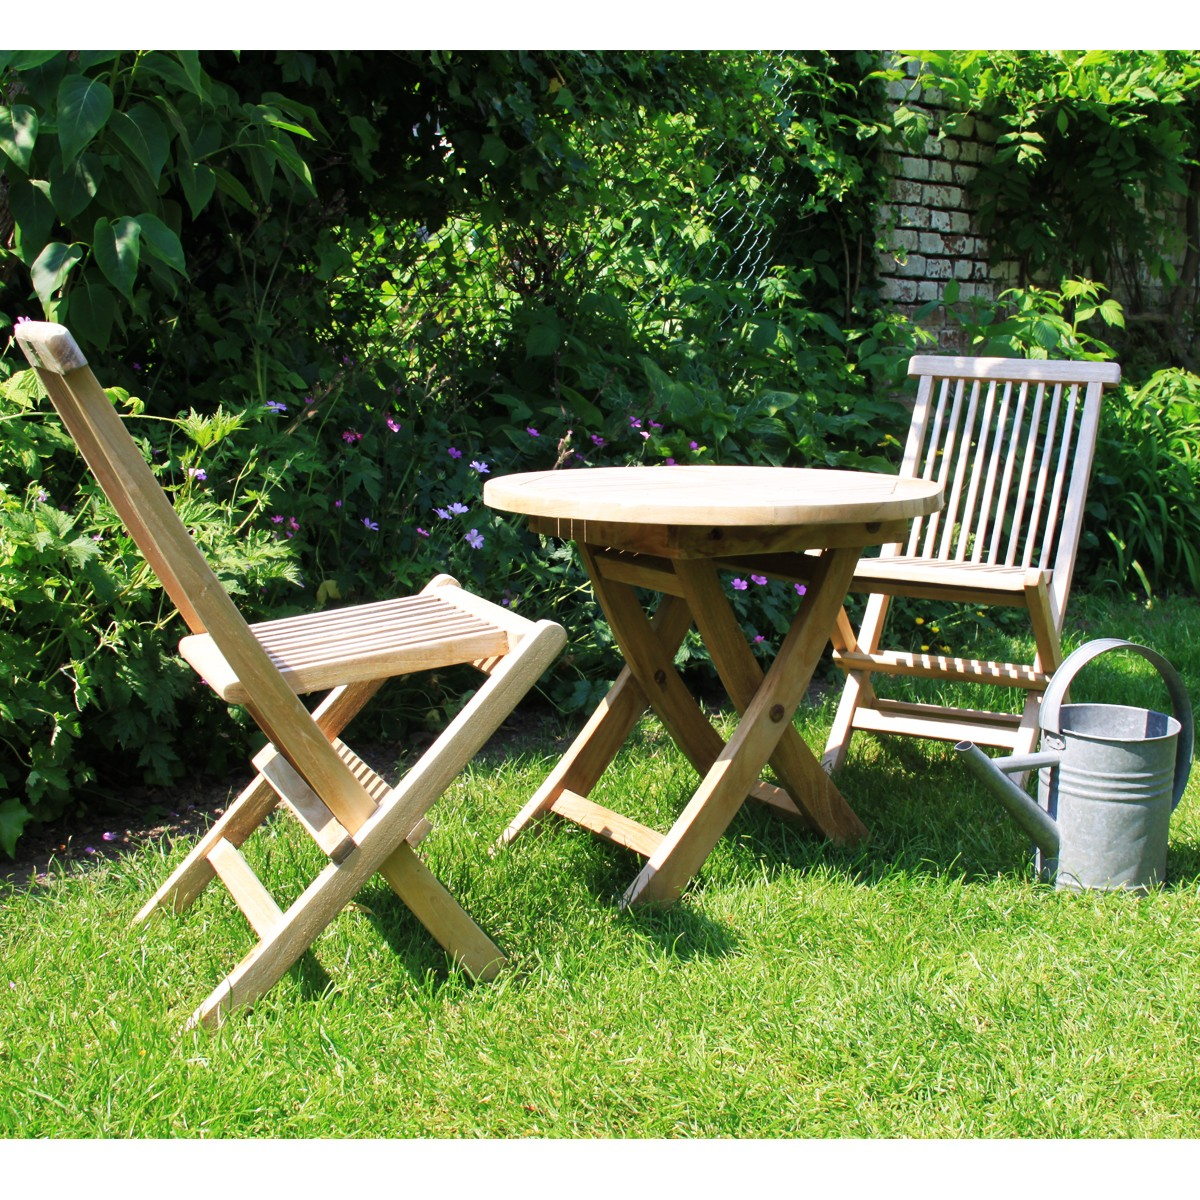 Salon de jardin pour enfant en bois de teck MIDLAND Bois Dessus Bois Dessous # Salon Jardin En Bois